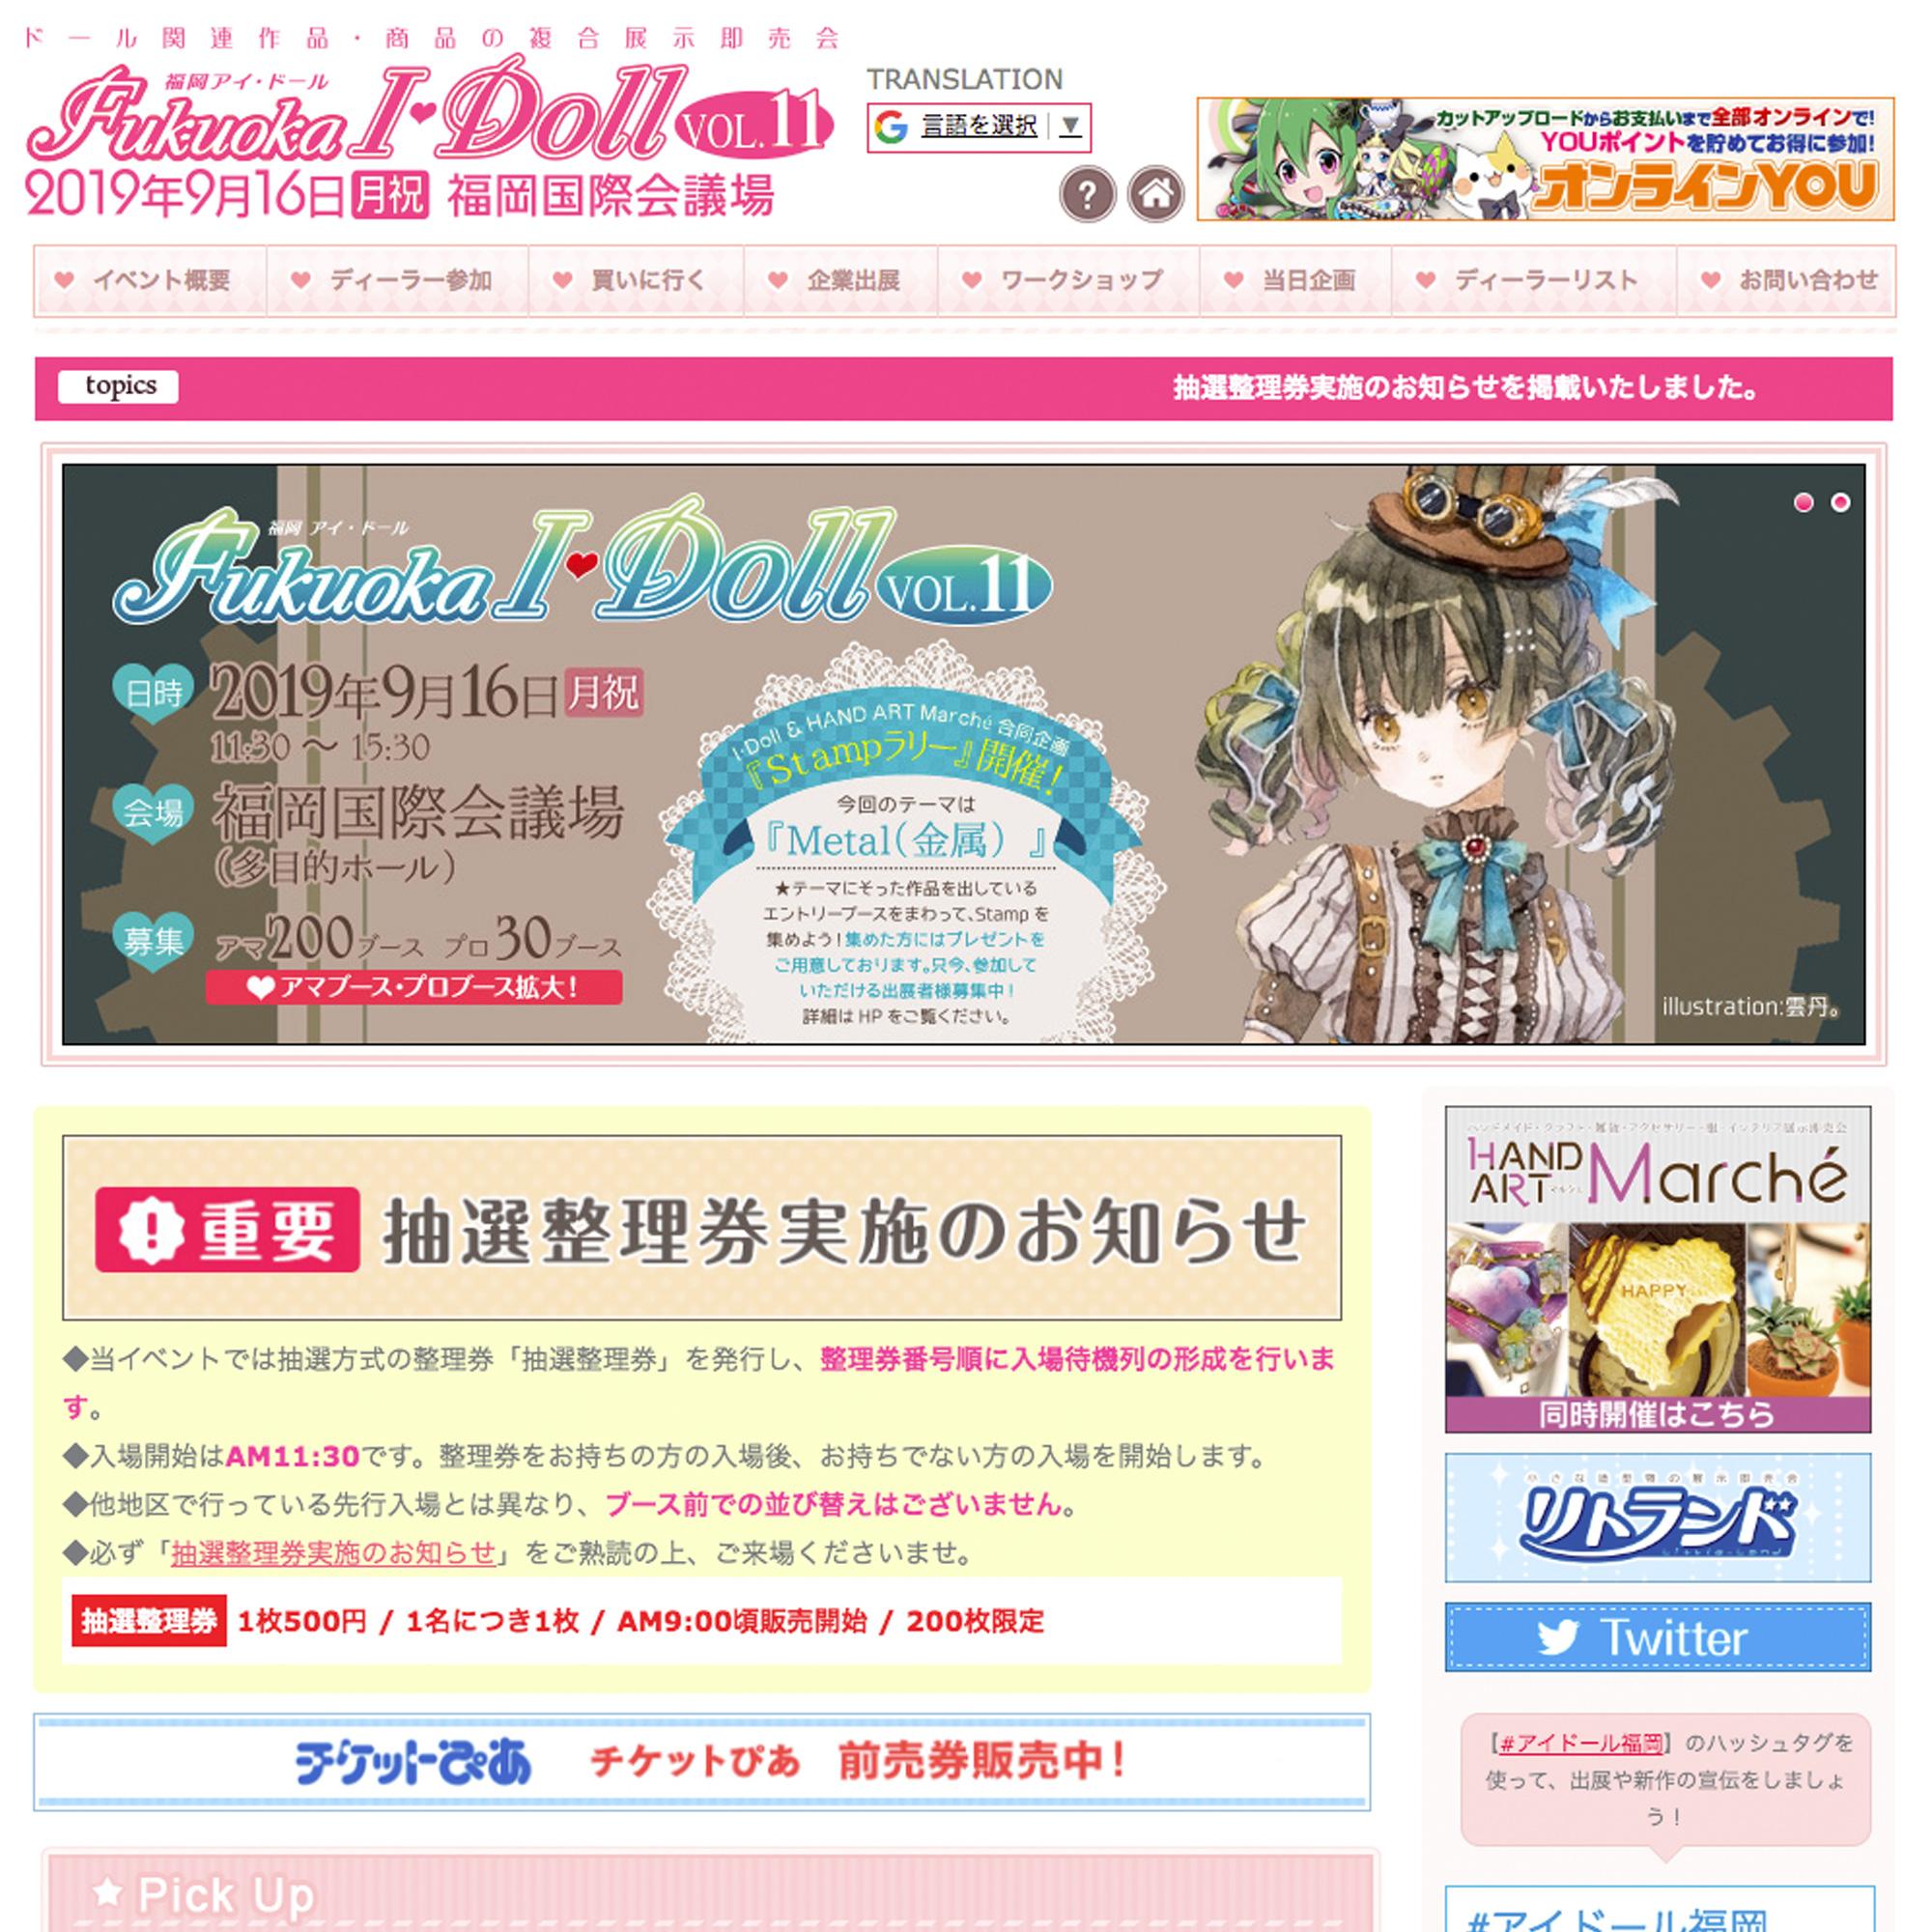 Fukuoka I・Doll VOL.11